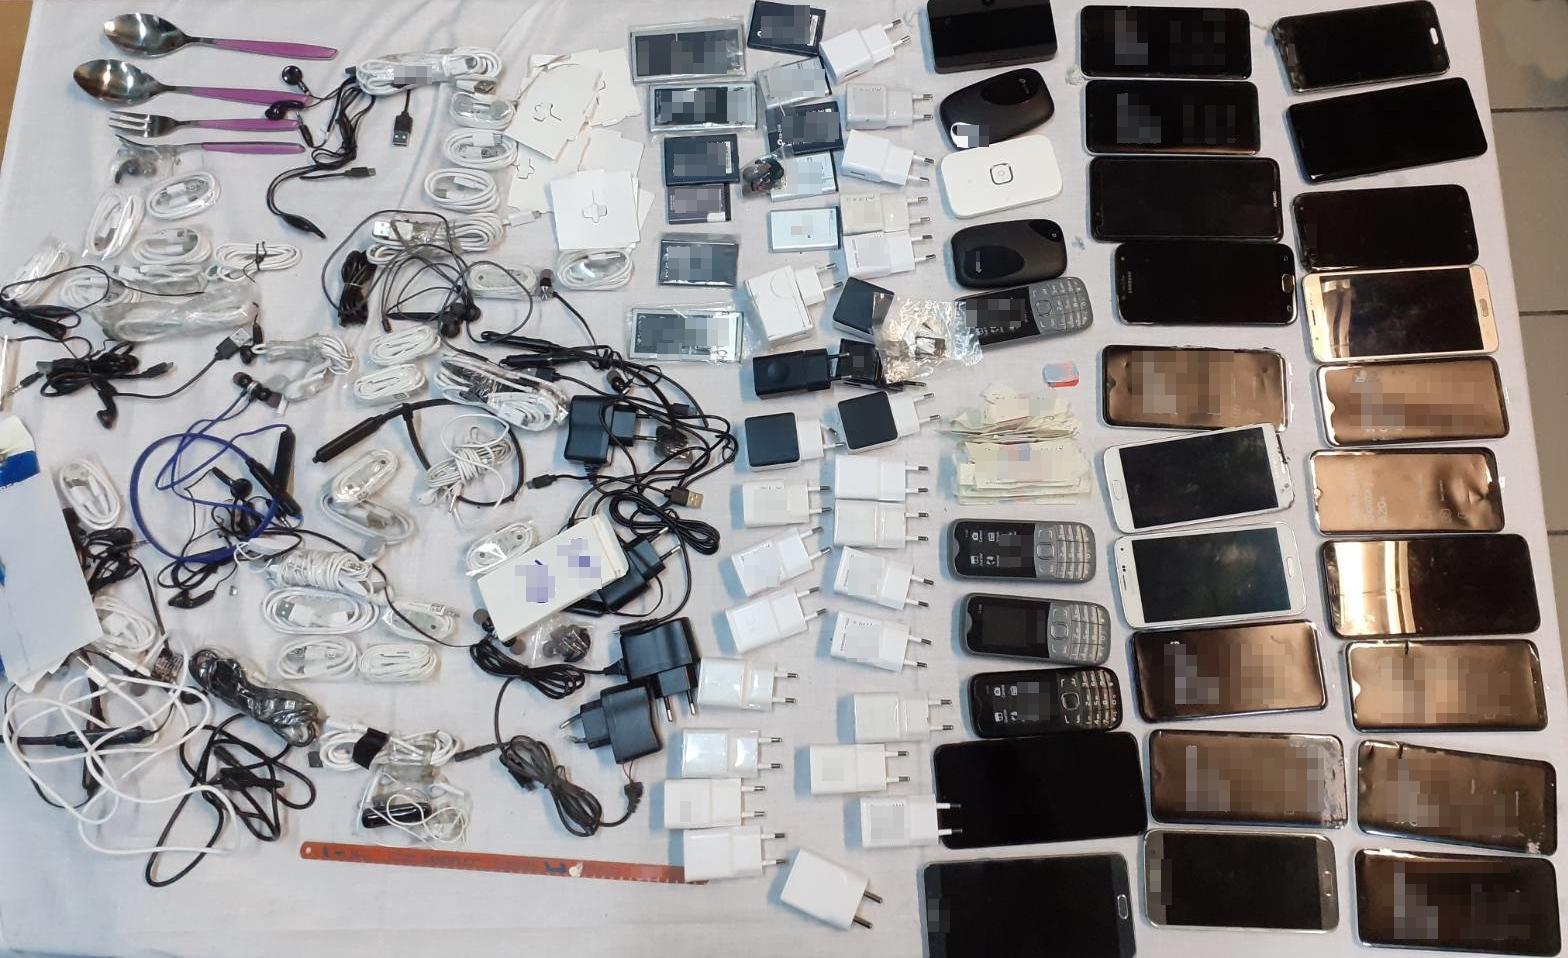 Τα αντικείμενα που βρέθηκαν από την έρευνα της αστυνομίας